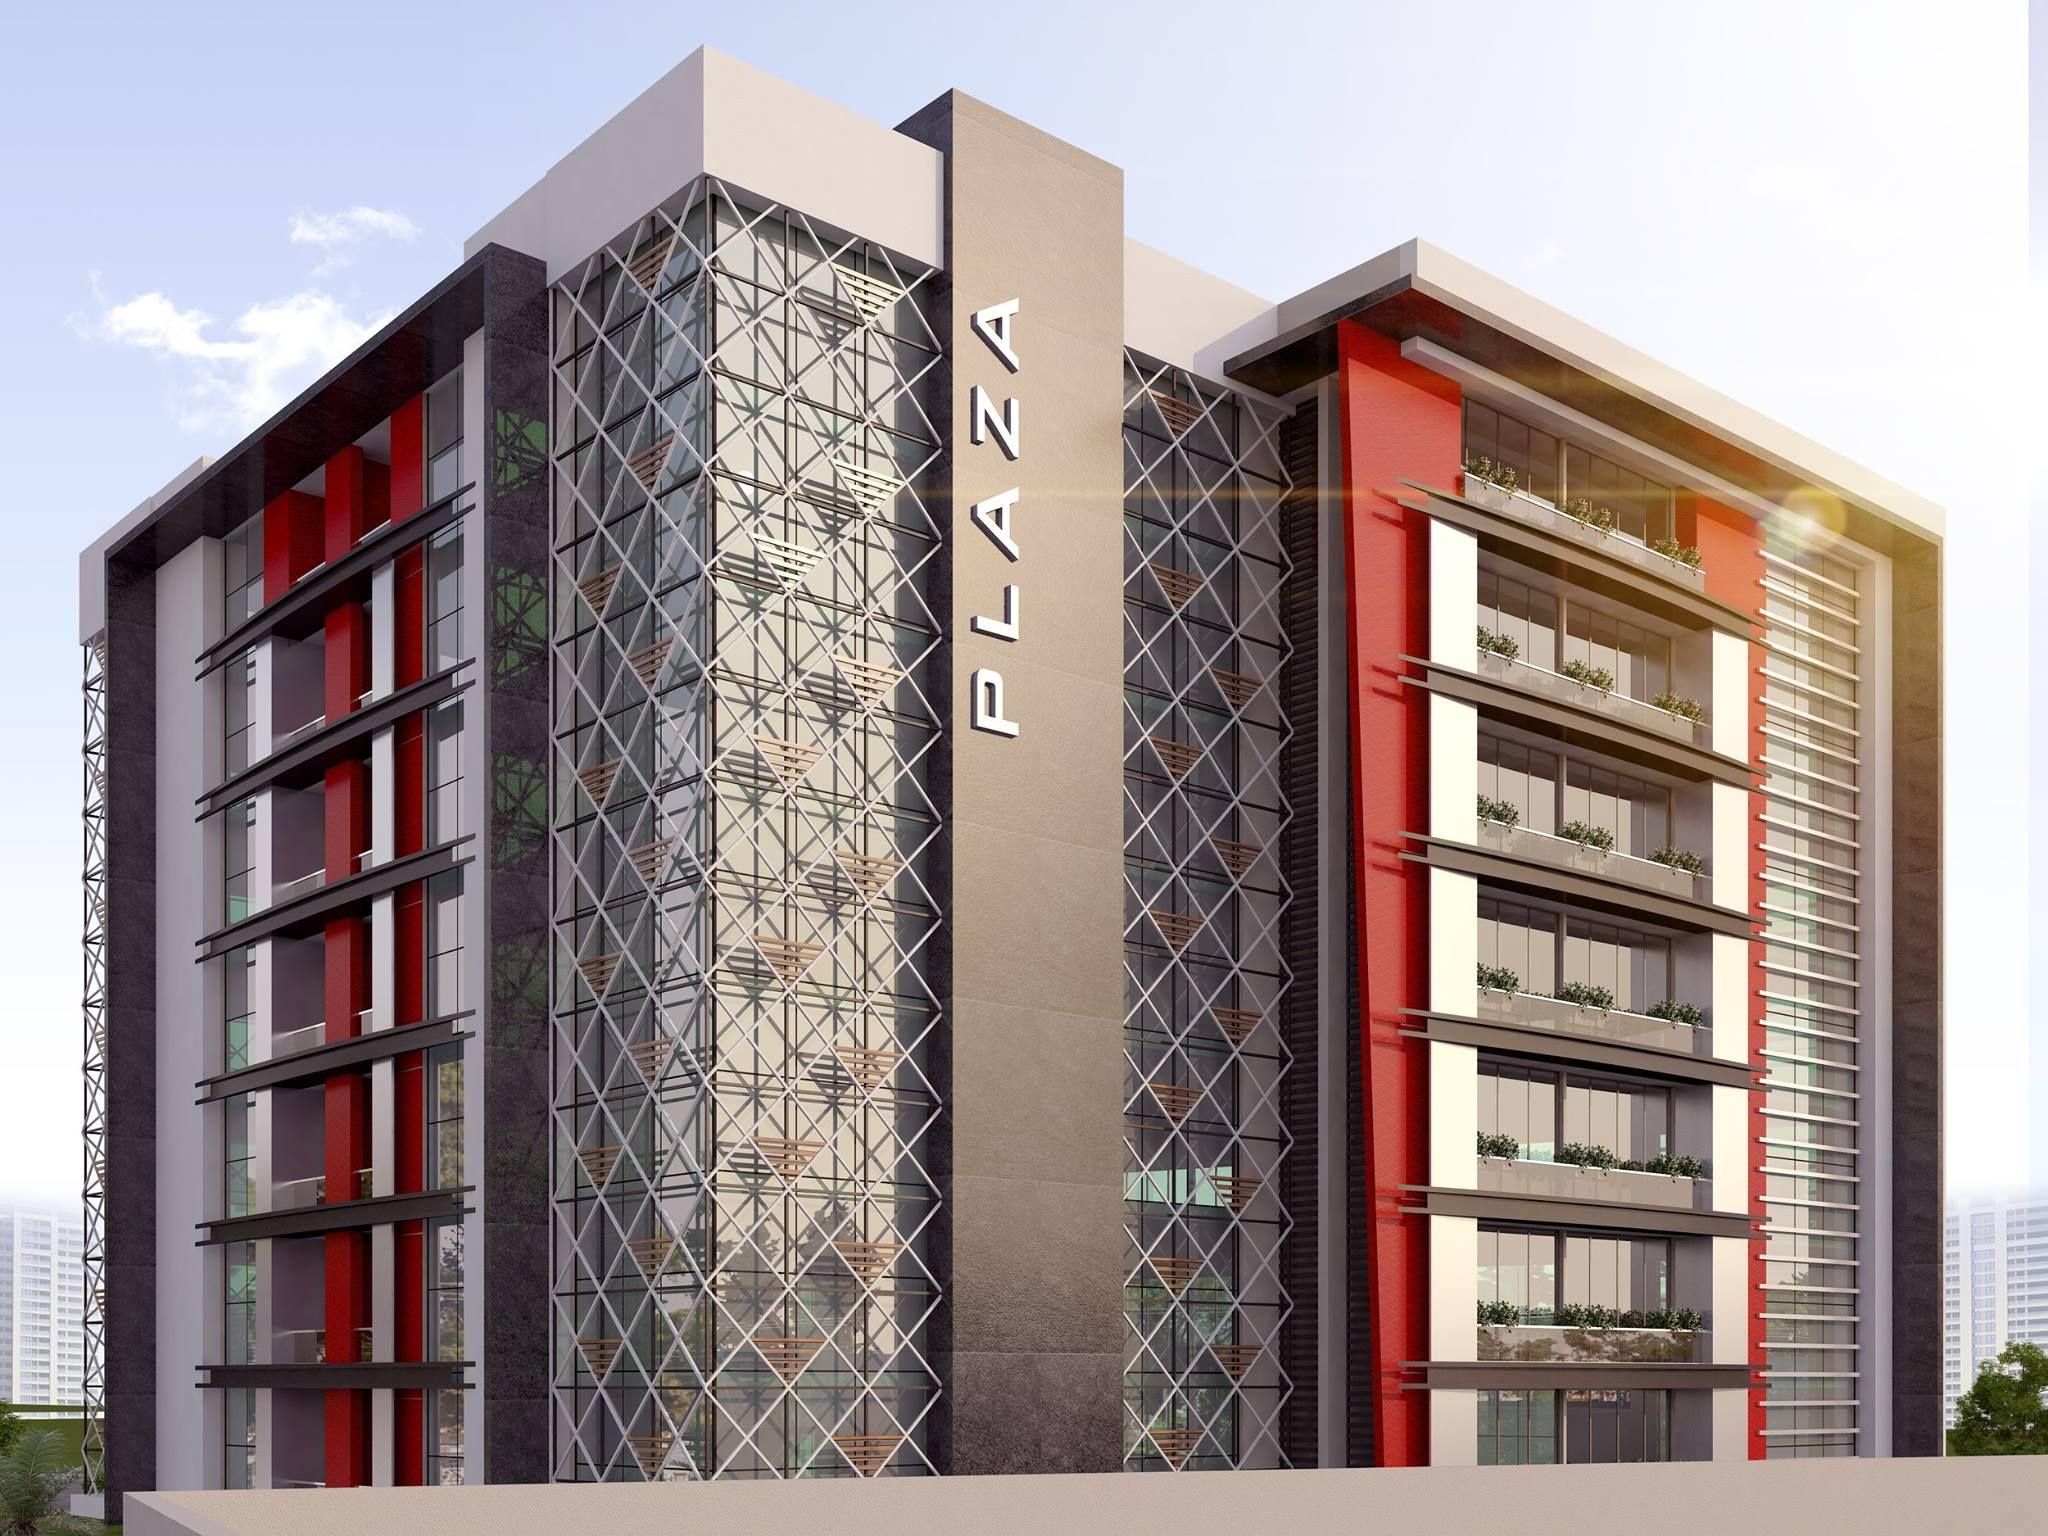 оформление фасадов жилых многоэтажных зданий фото это время количество